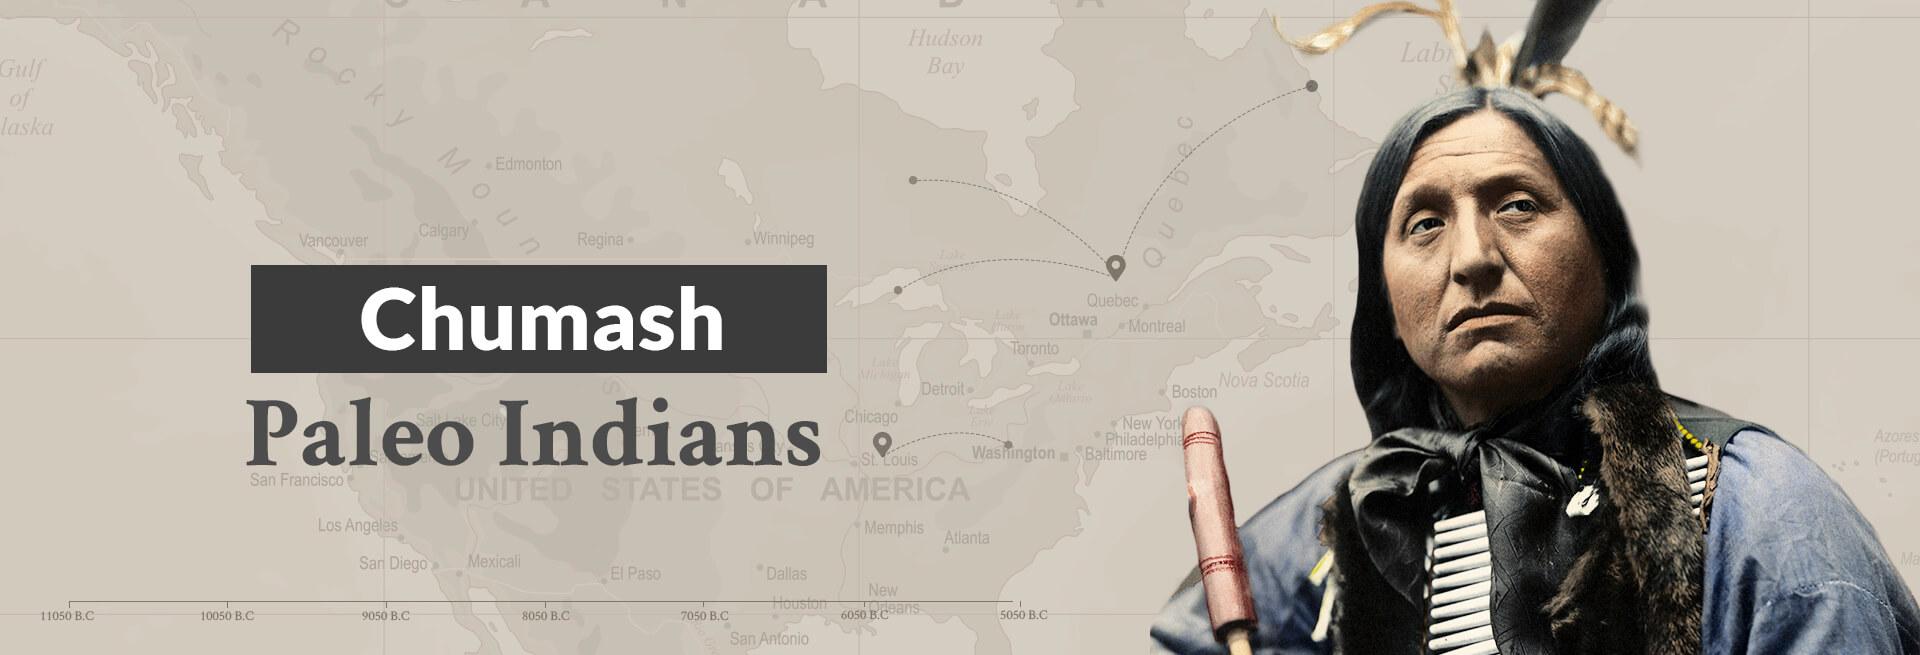 Chumash Paleo Indians